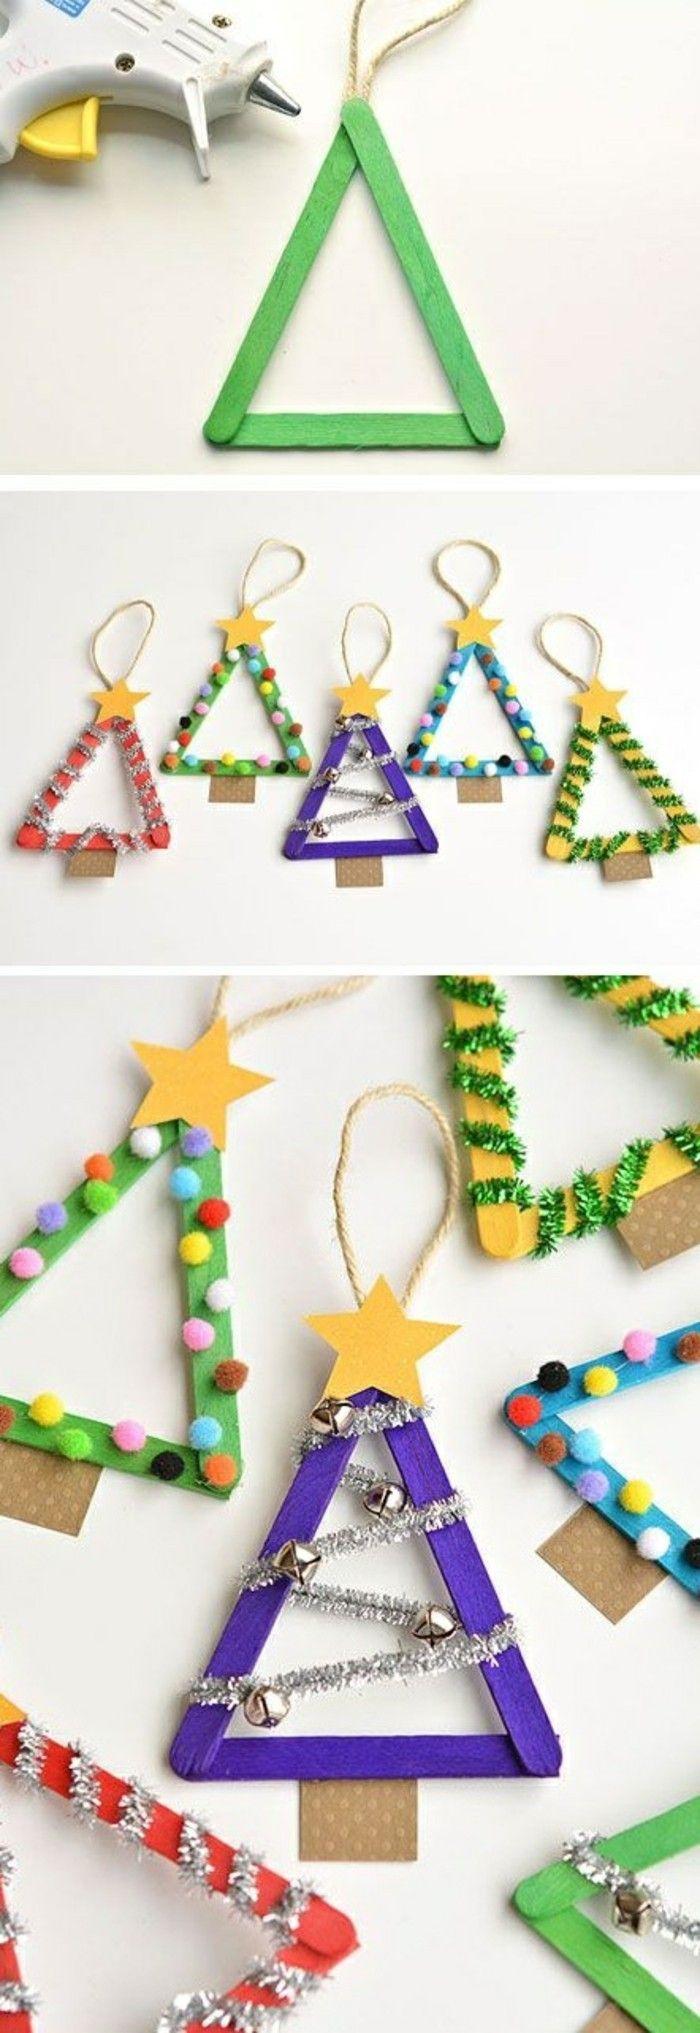 Weihnachtsschmuck basteln: Kreative Ideen und Inspirationen #weihnachtsdekobasteln